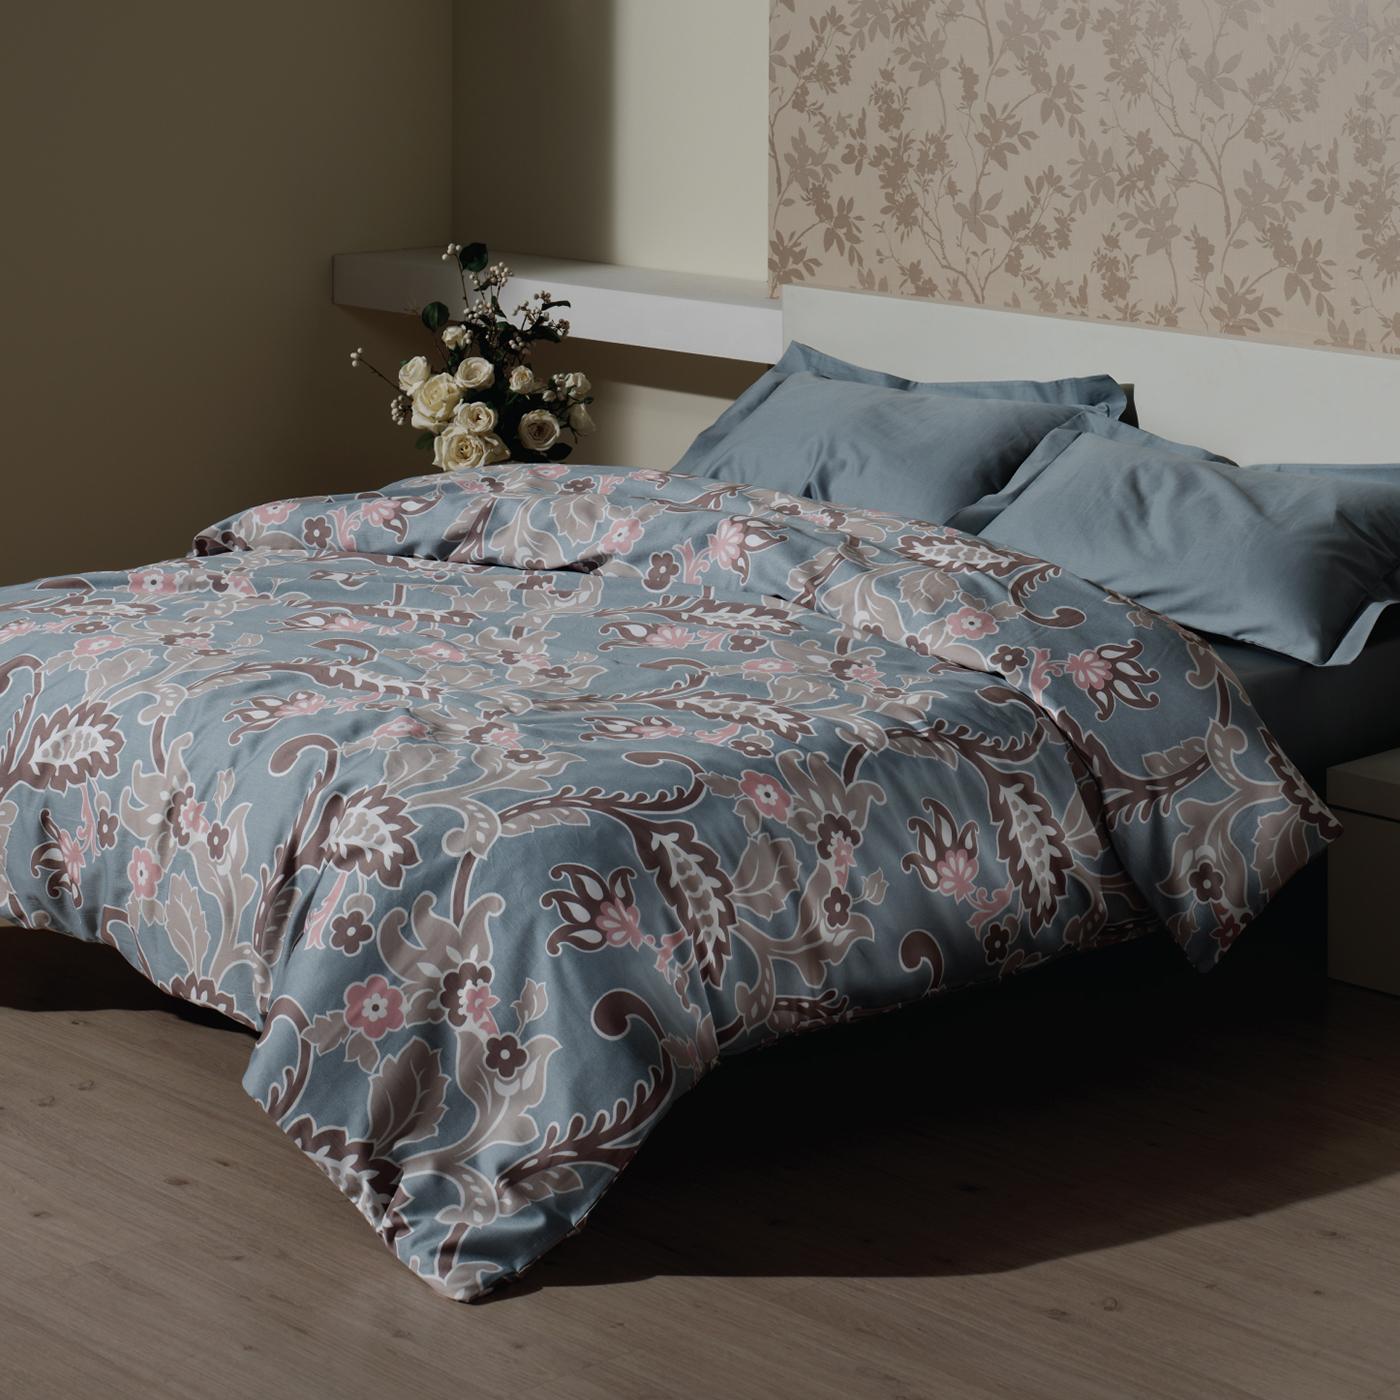 Купить Комплект постельного белья Royal Green Euro, inmyroom, Турция